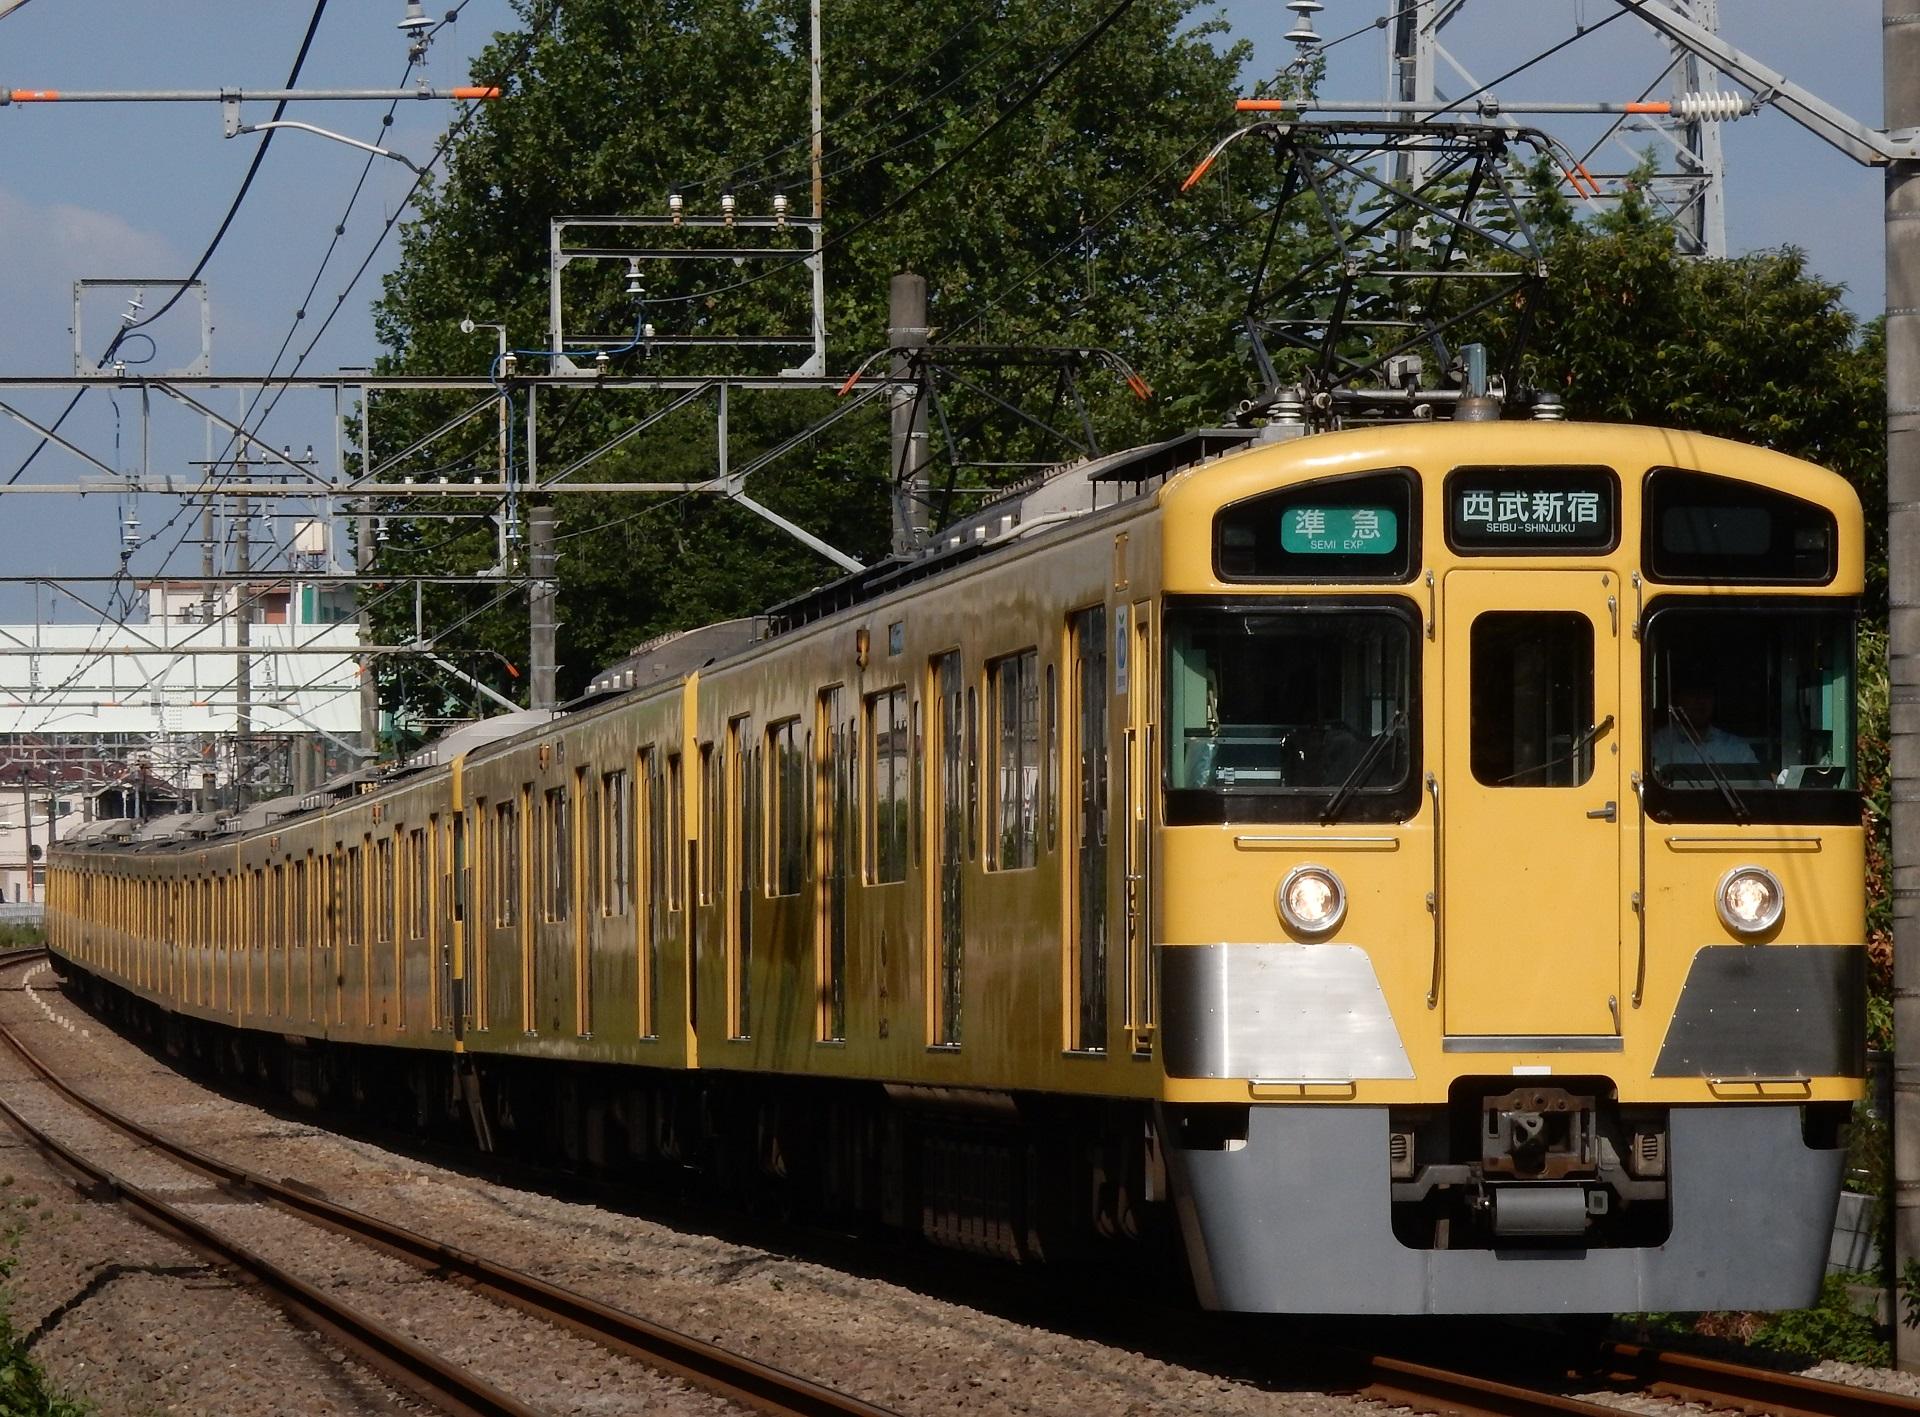 DSCN4890 - コピー